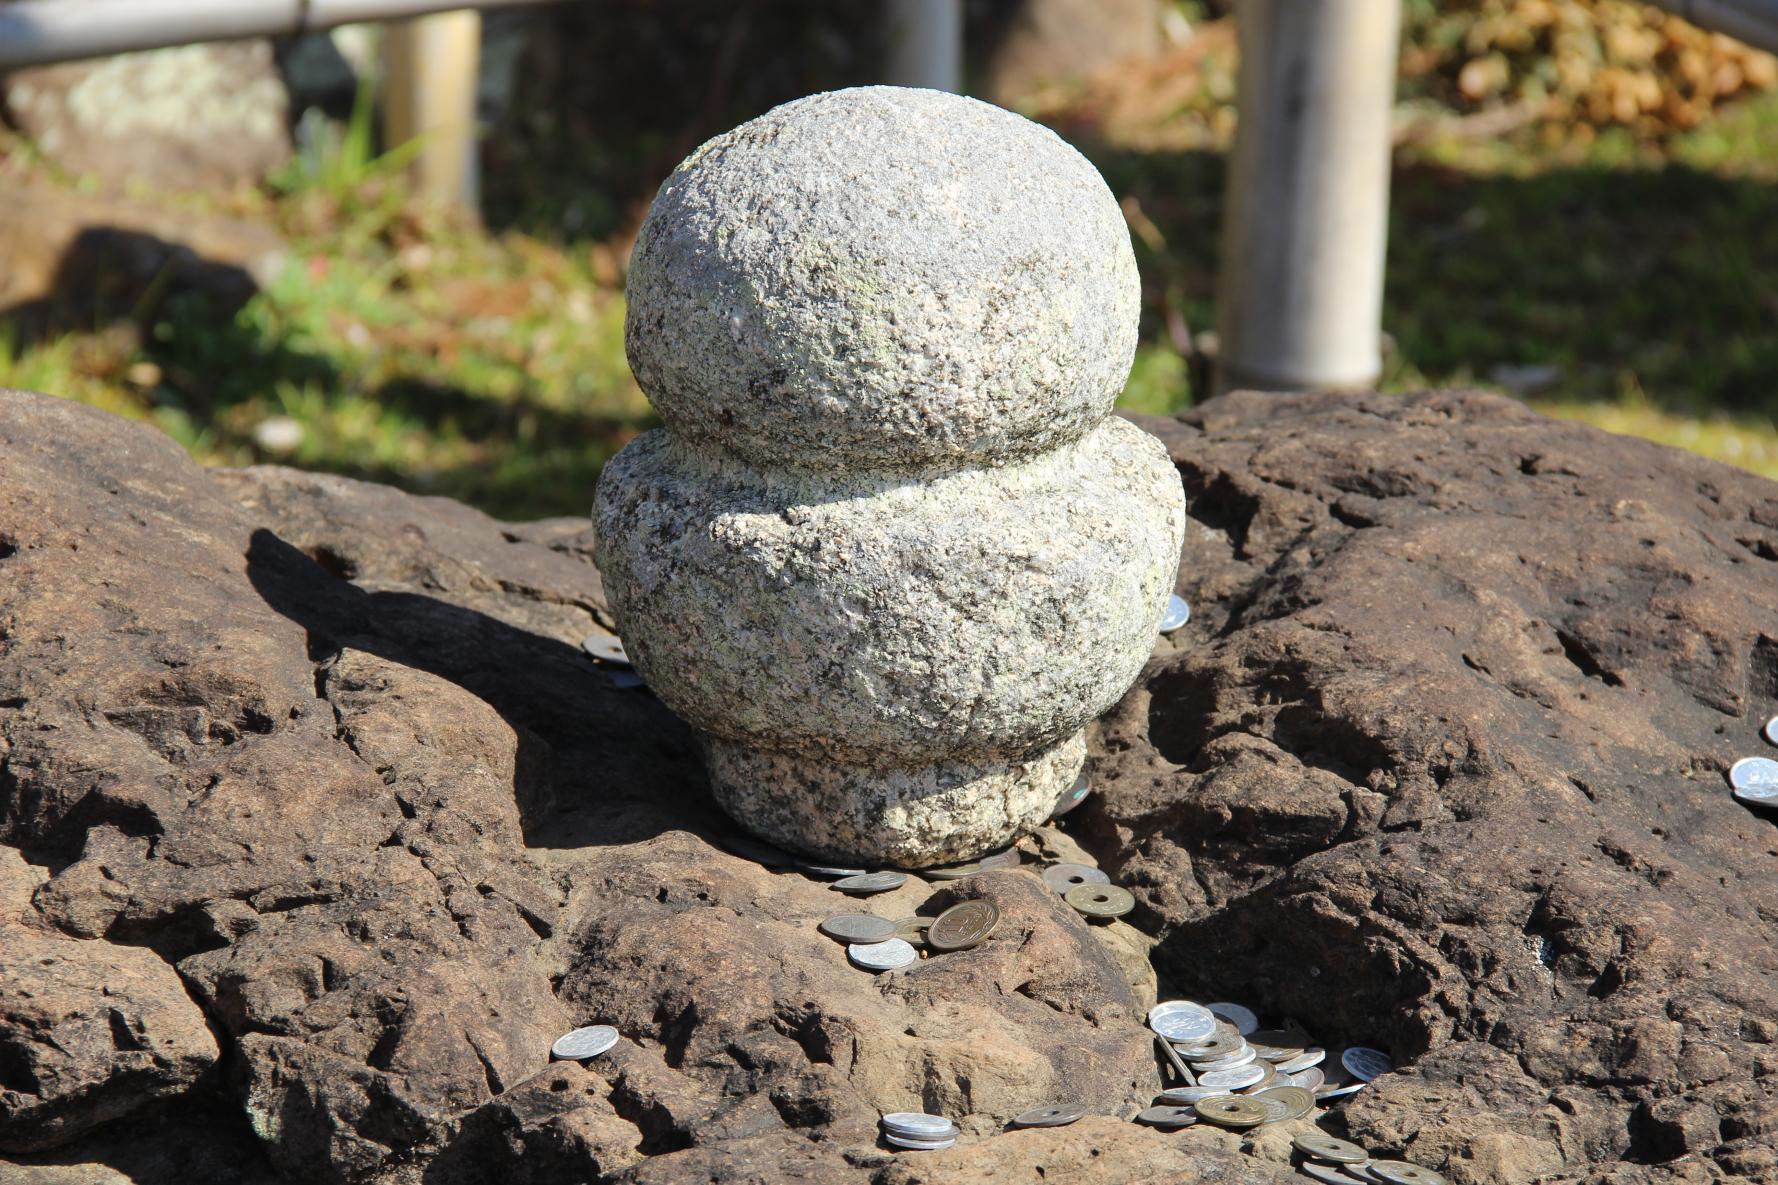 へそ石と顎かけ石-1